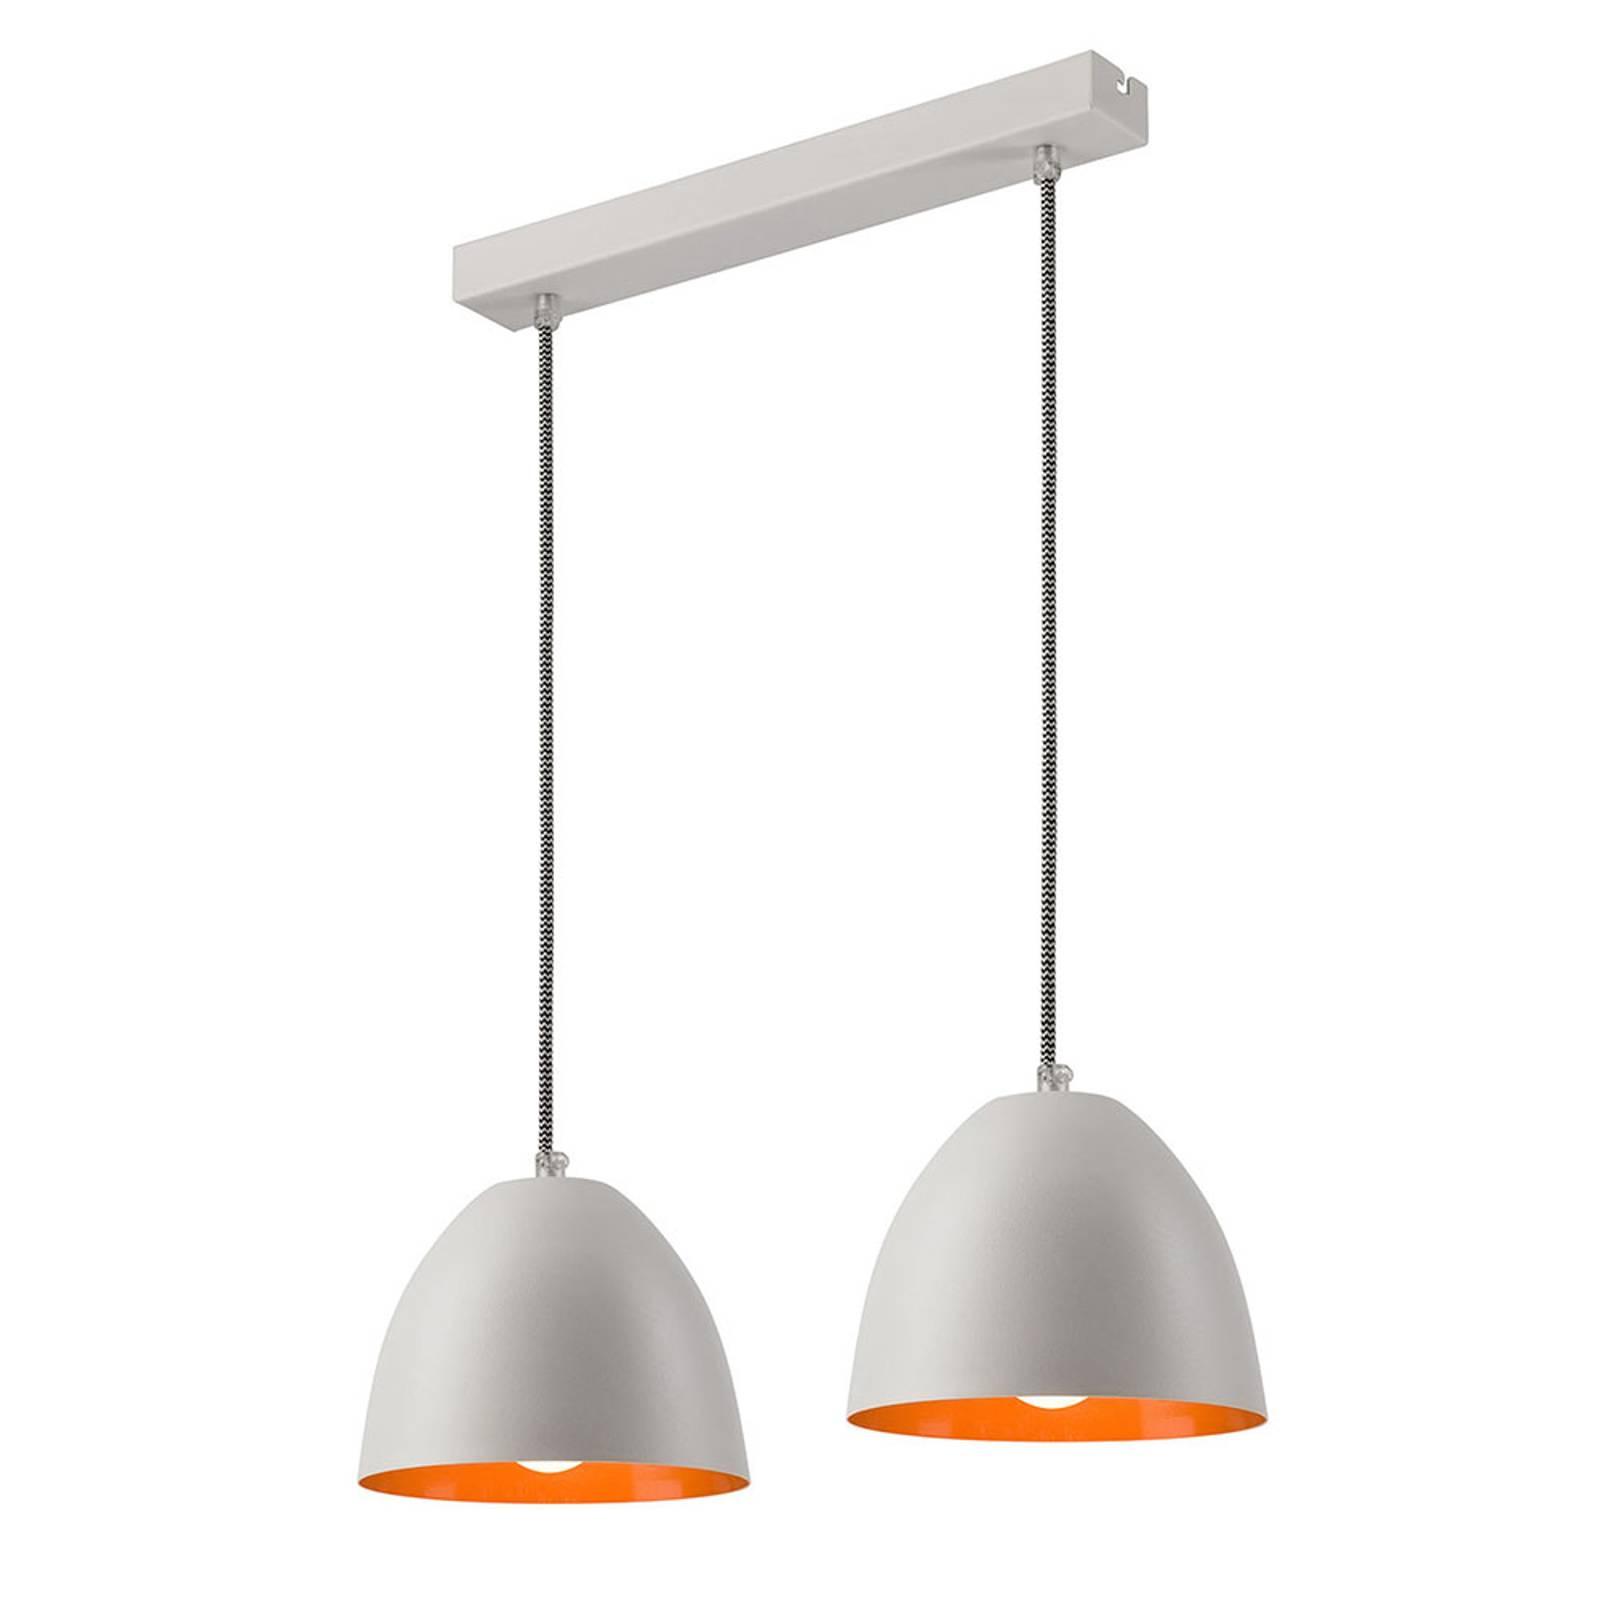 Suspension Atlantik à deux lampes, blanche